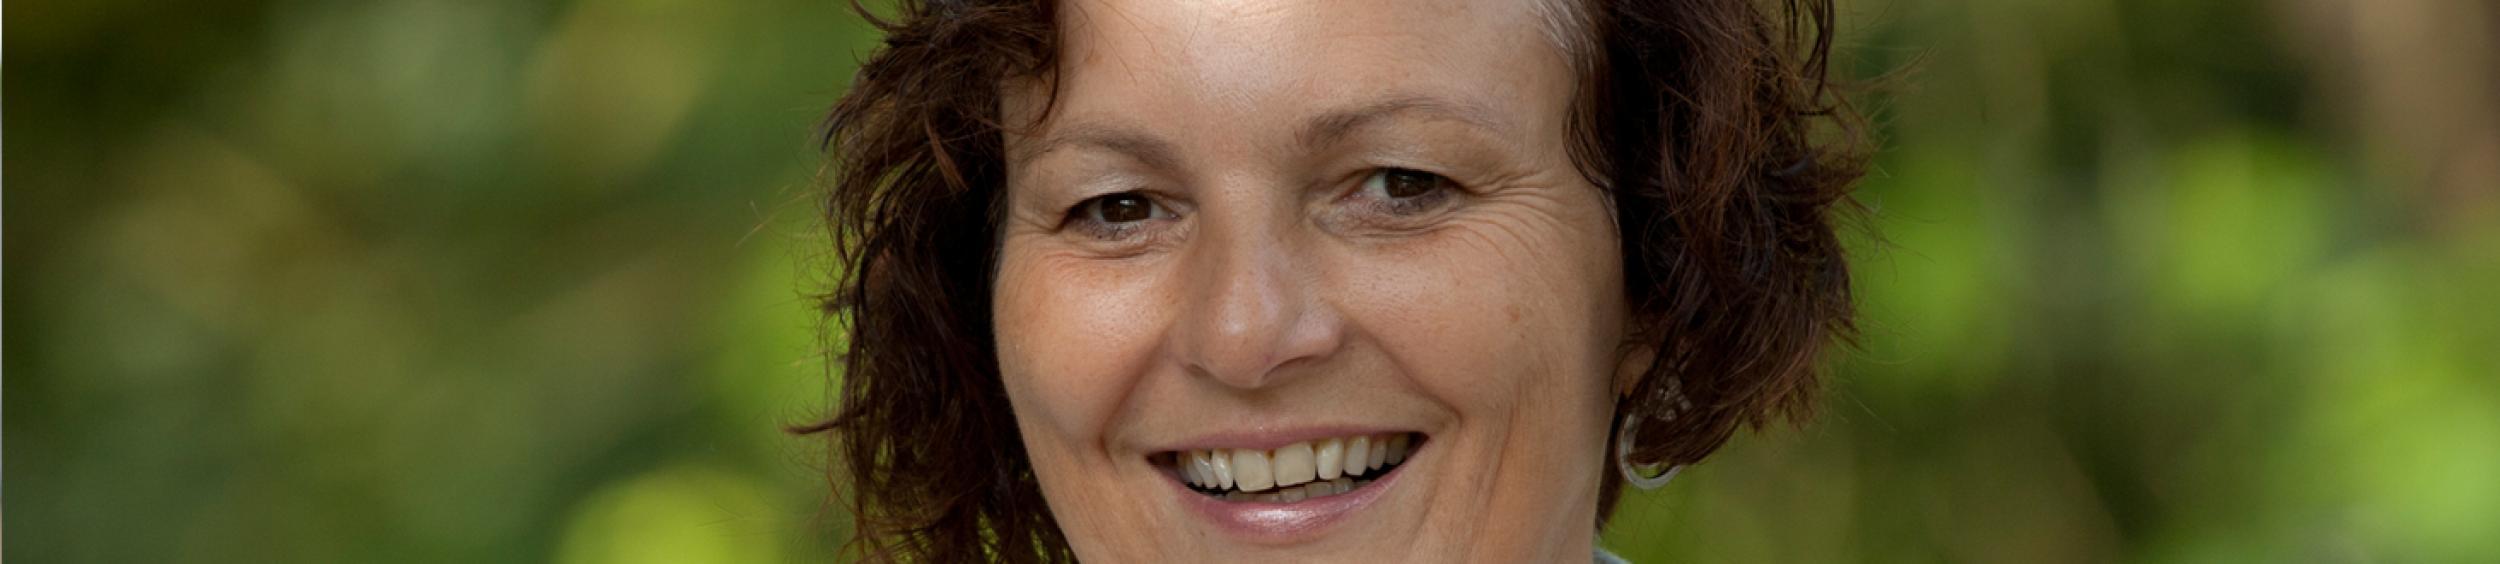 Astrid Schupp, Gleichstellungsbeauftragte der Stadt Bocholt